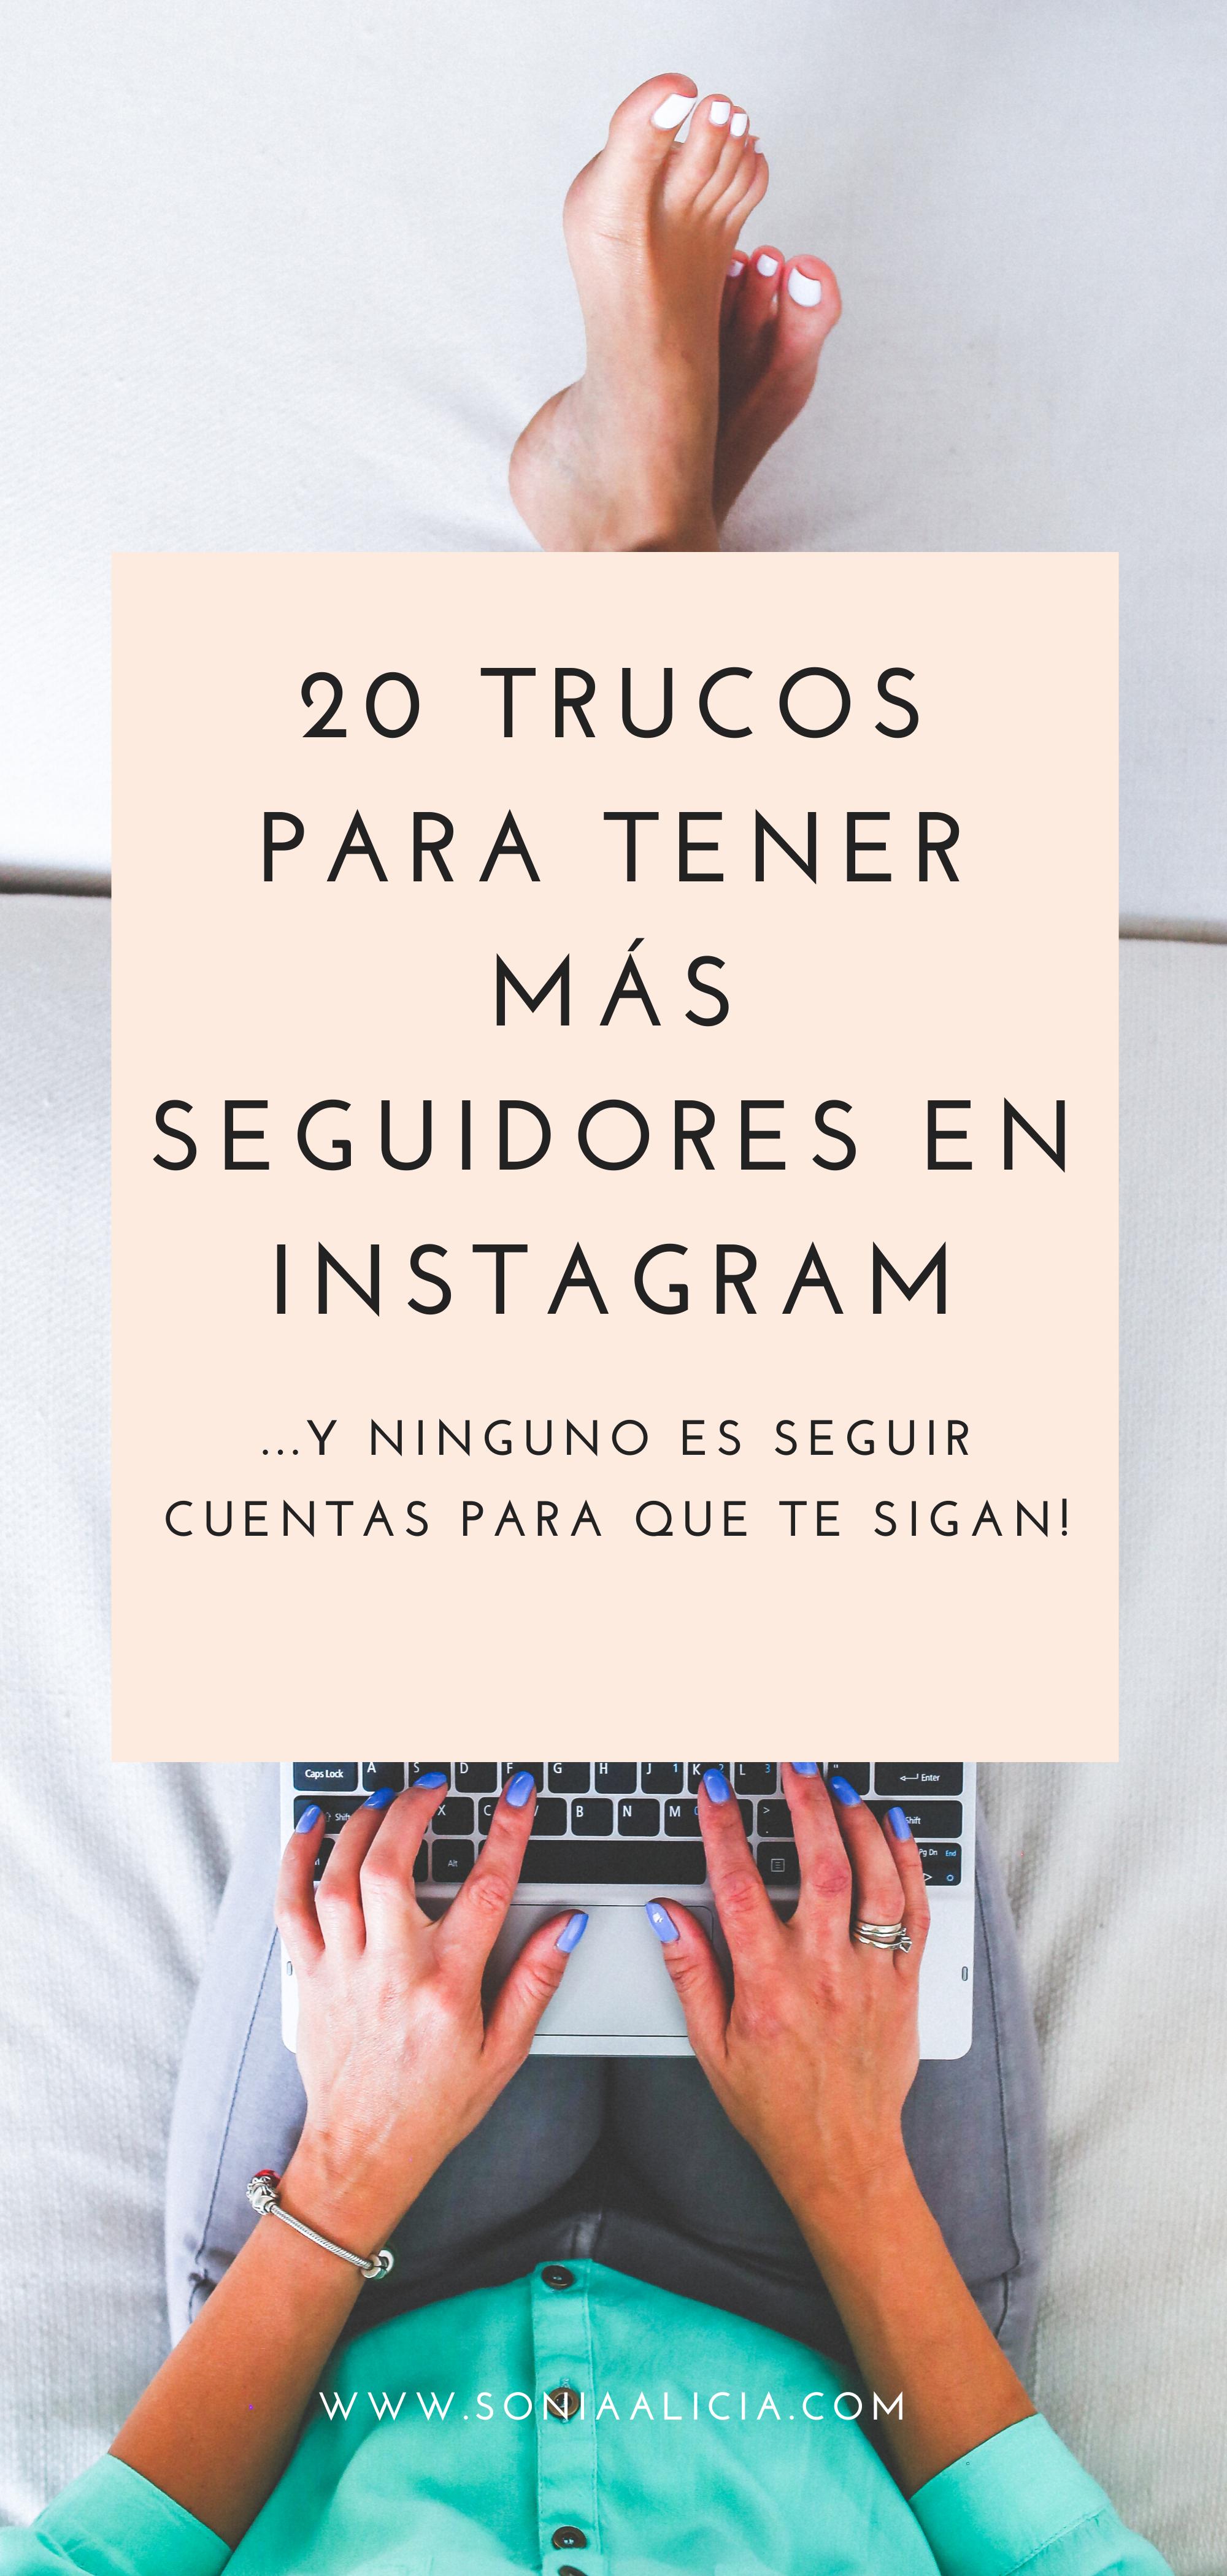 20 Trucos Para Tener Más Seguidores En Instagram Conseguir Seguidores En Instagram Ganar Seguidores En Instagram Consejos Para Instagram